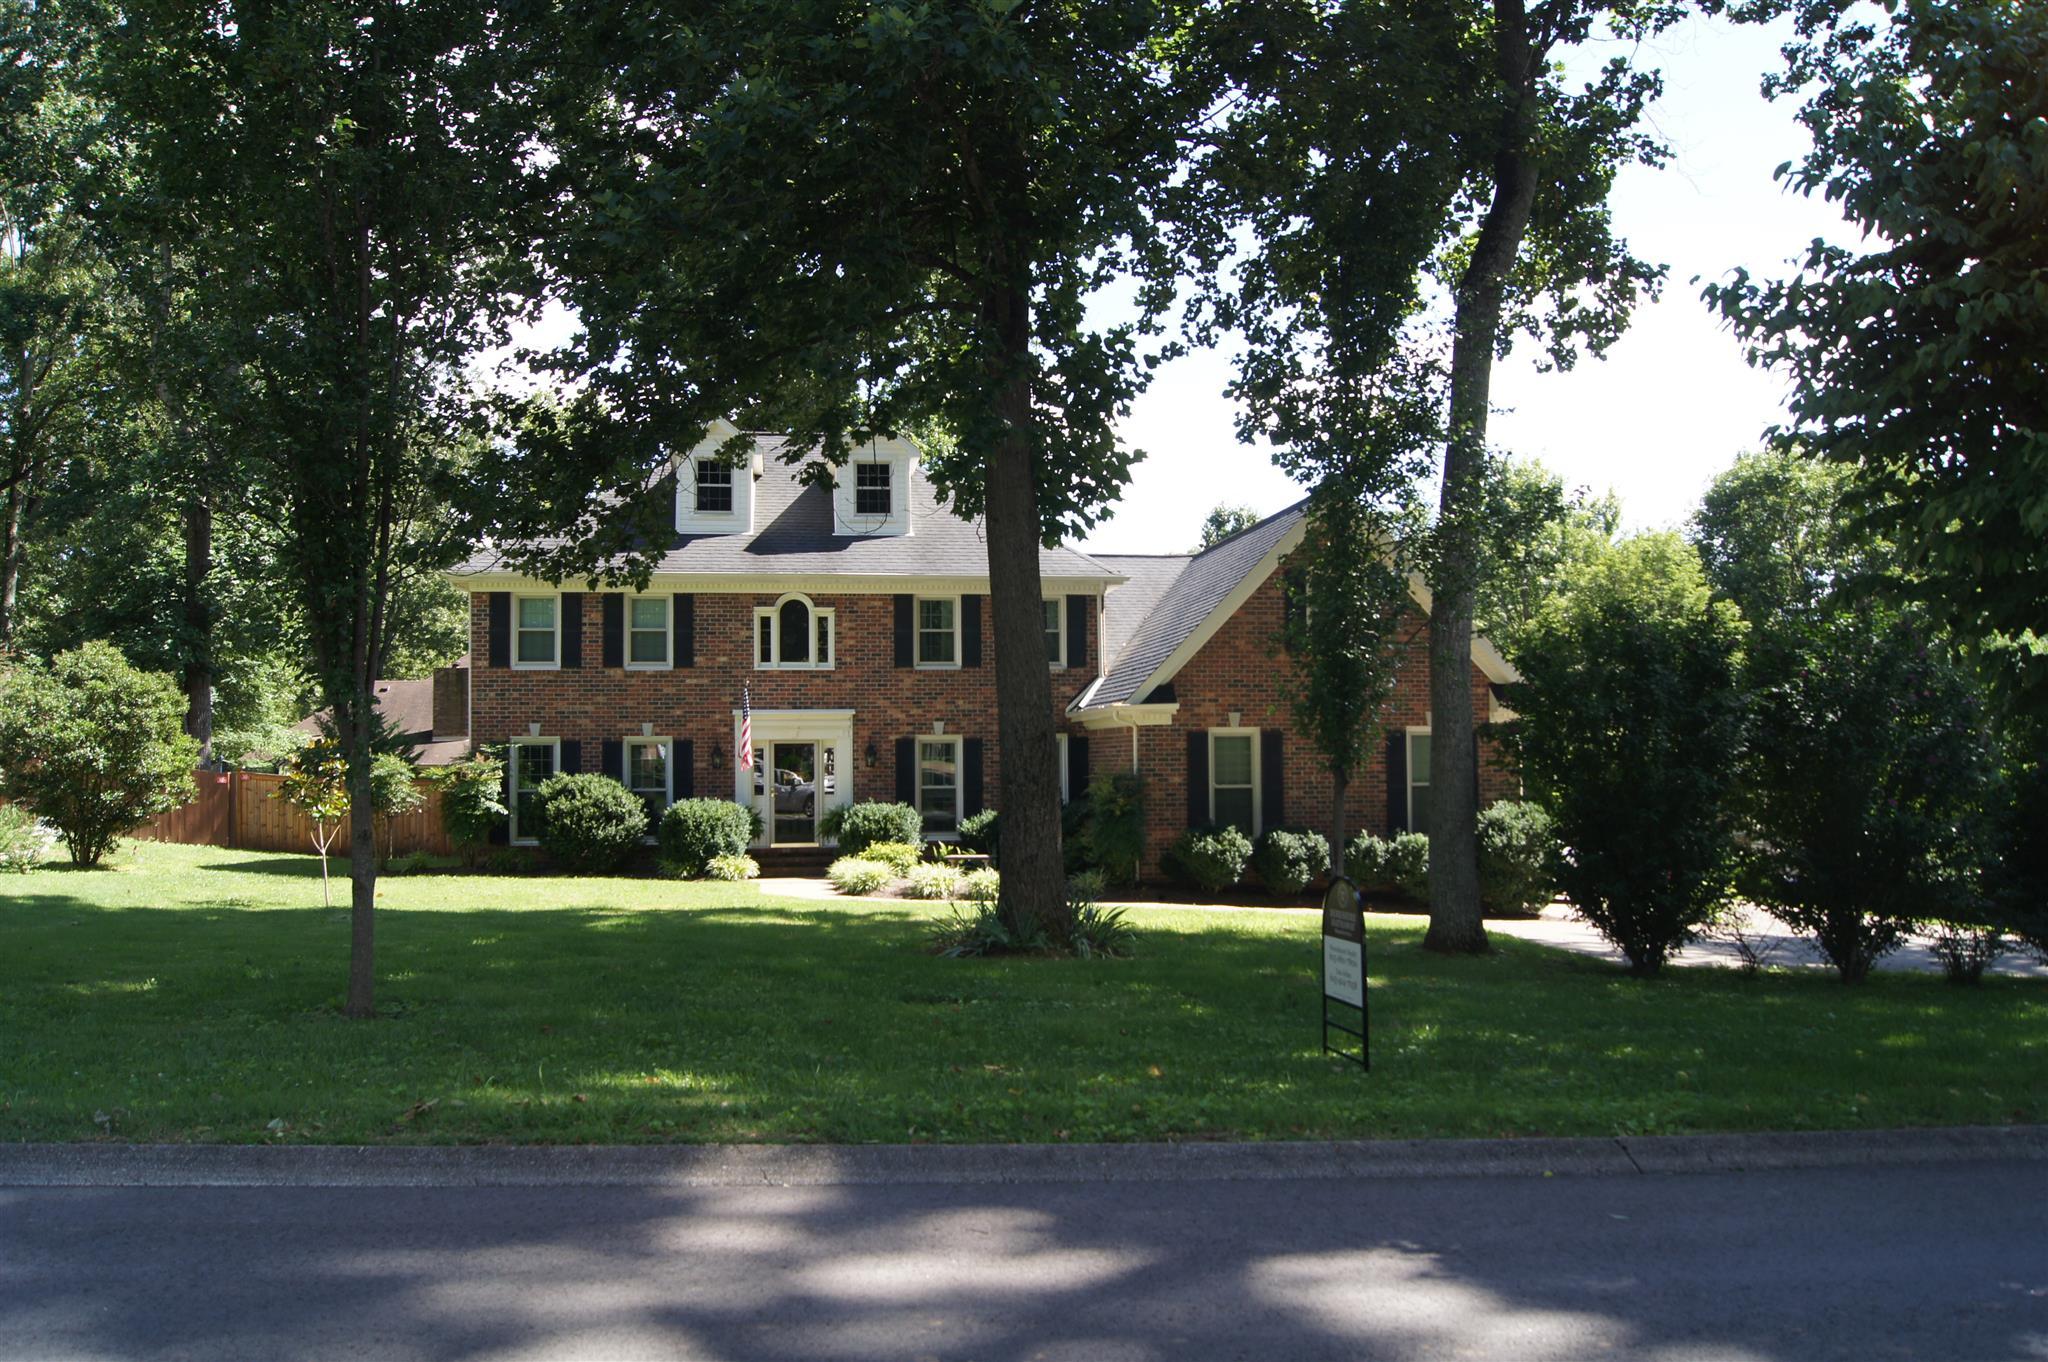 115 Laural Hill Dr, Smyrna, TN 37167